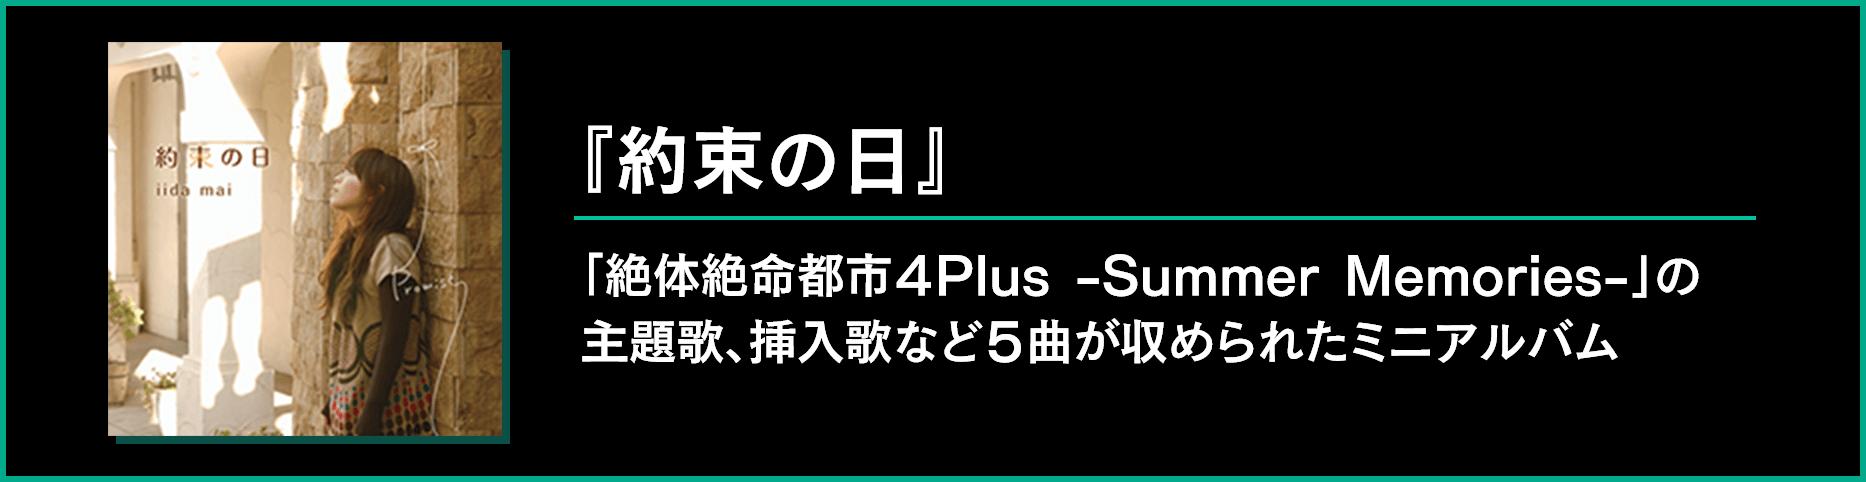 「絶体絶命都市4Plus -Summer Memories-」の主題歌、挿入歌など5曲が収められたミニアルバム